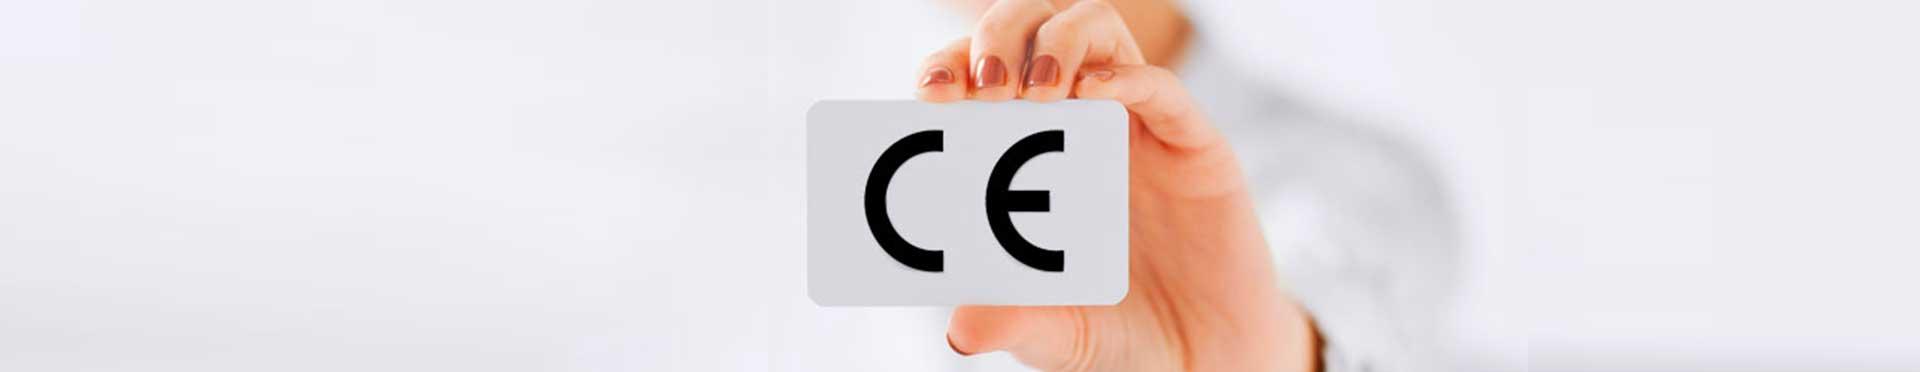 tarjeta con el logo marcado CE